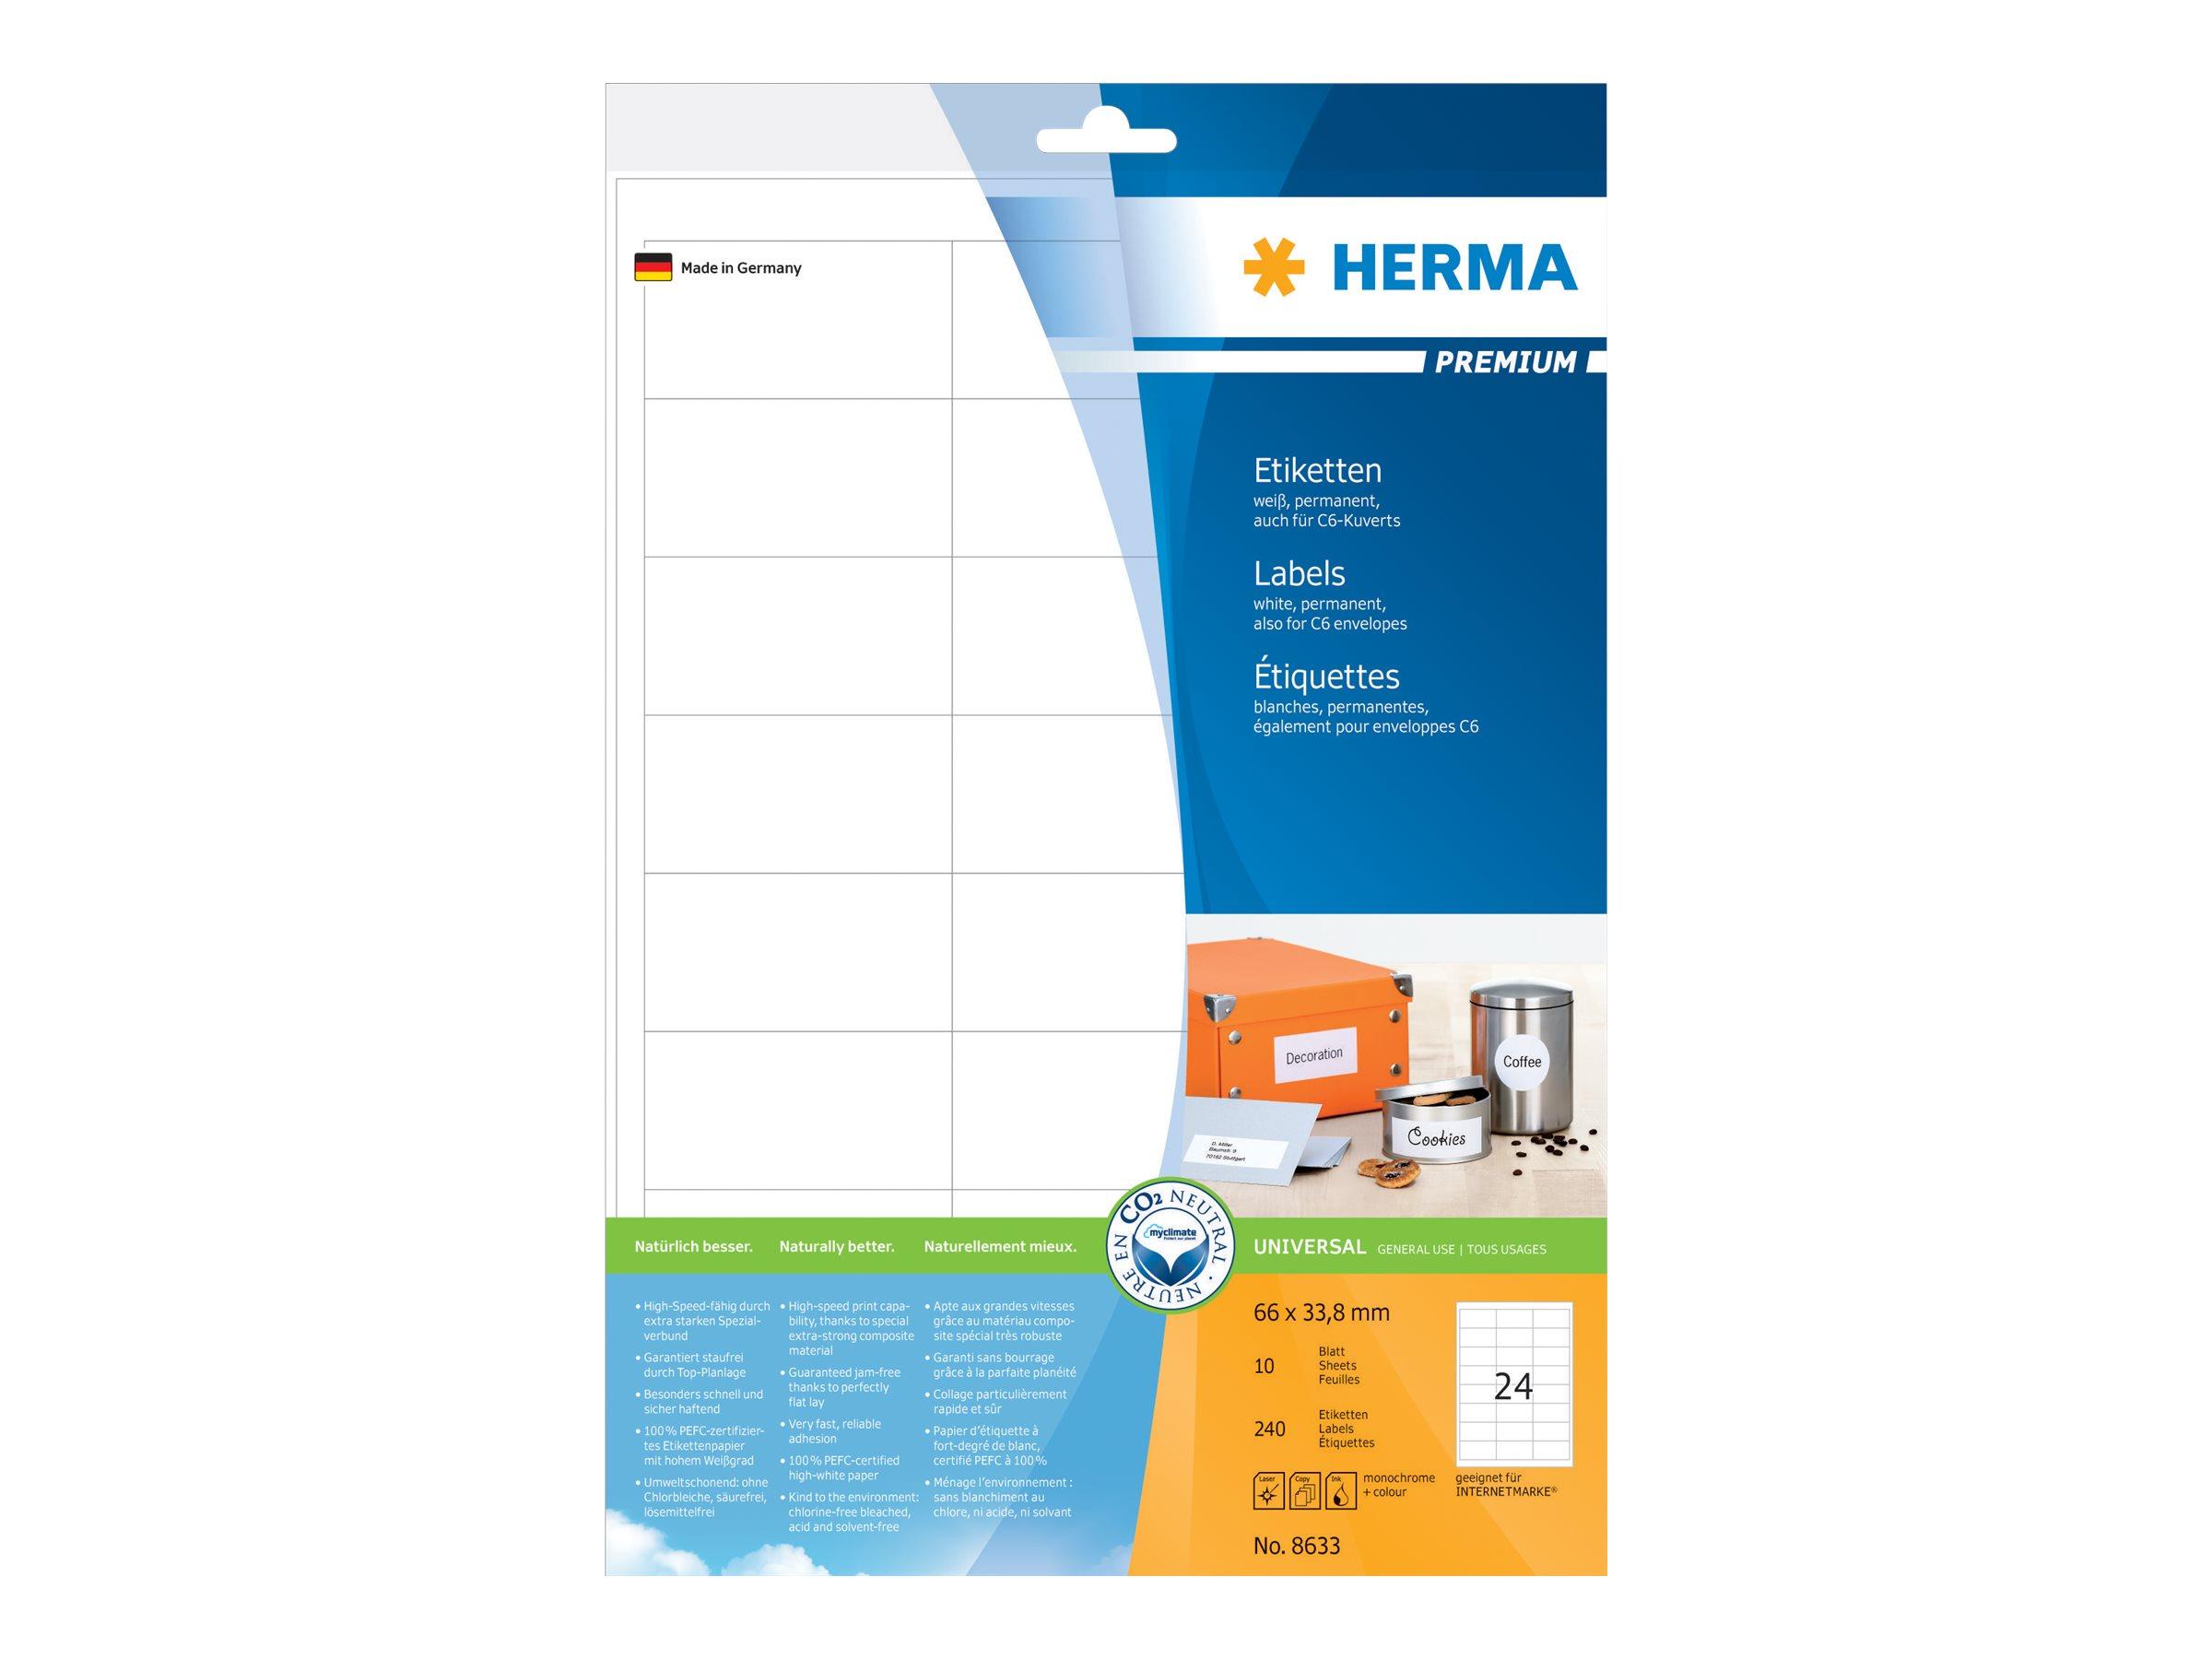 HERMA Etiketten Premium A4 weiß 66x33,8 mm Papier 240 St.